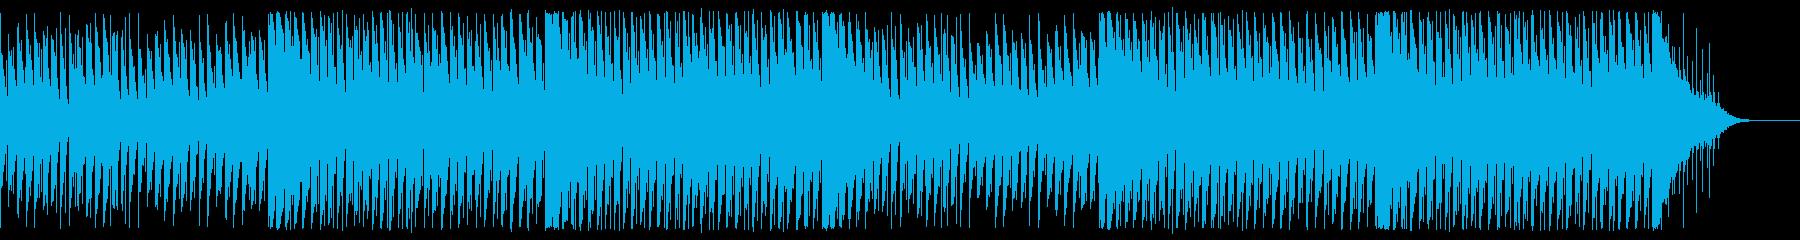 かわいい雰囲気のトロピカルハウスの再生済みの波形